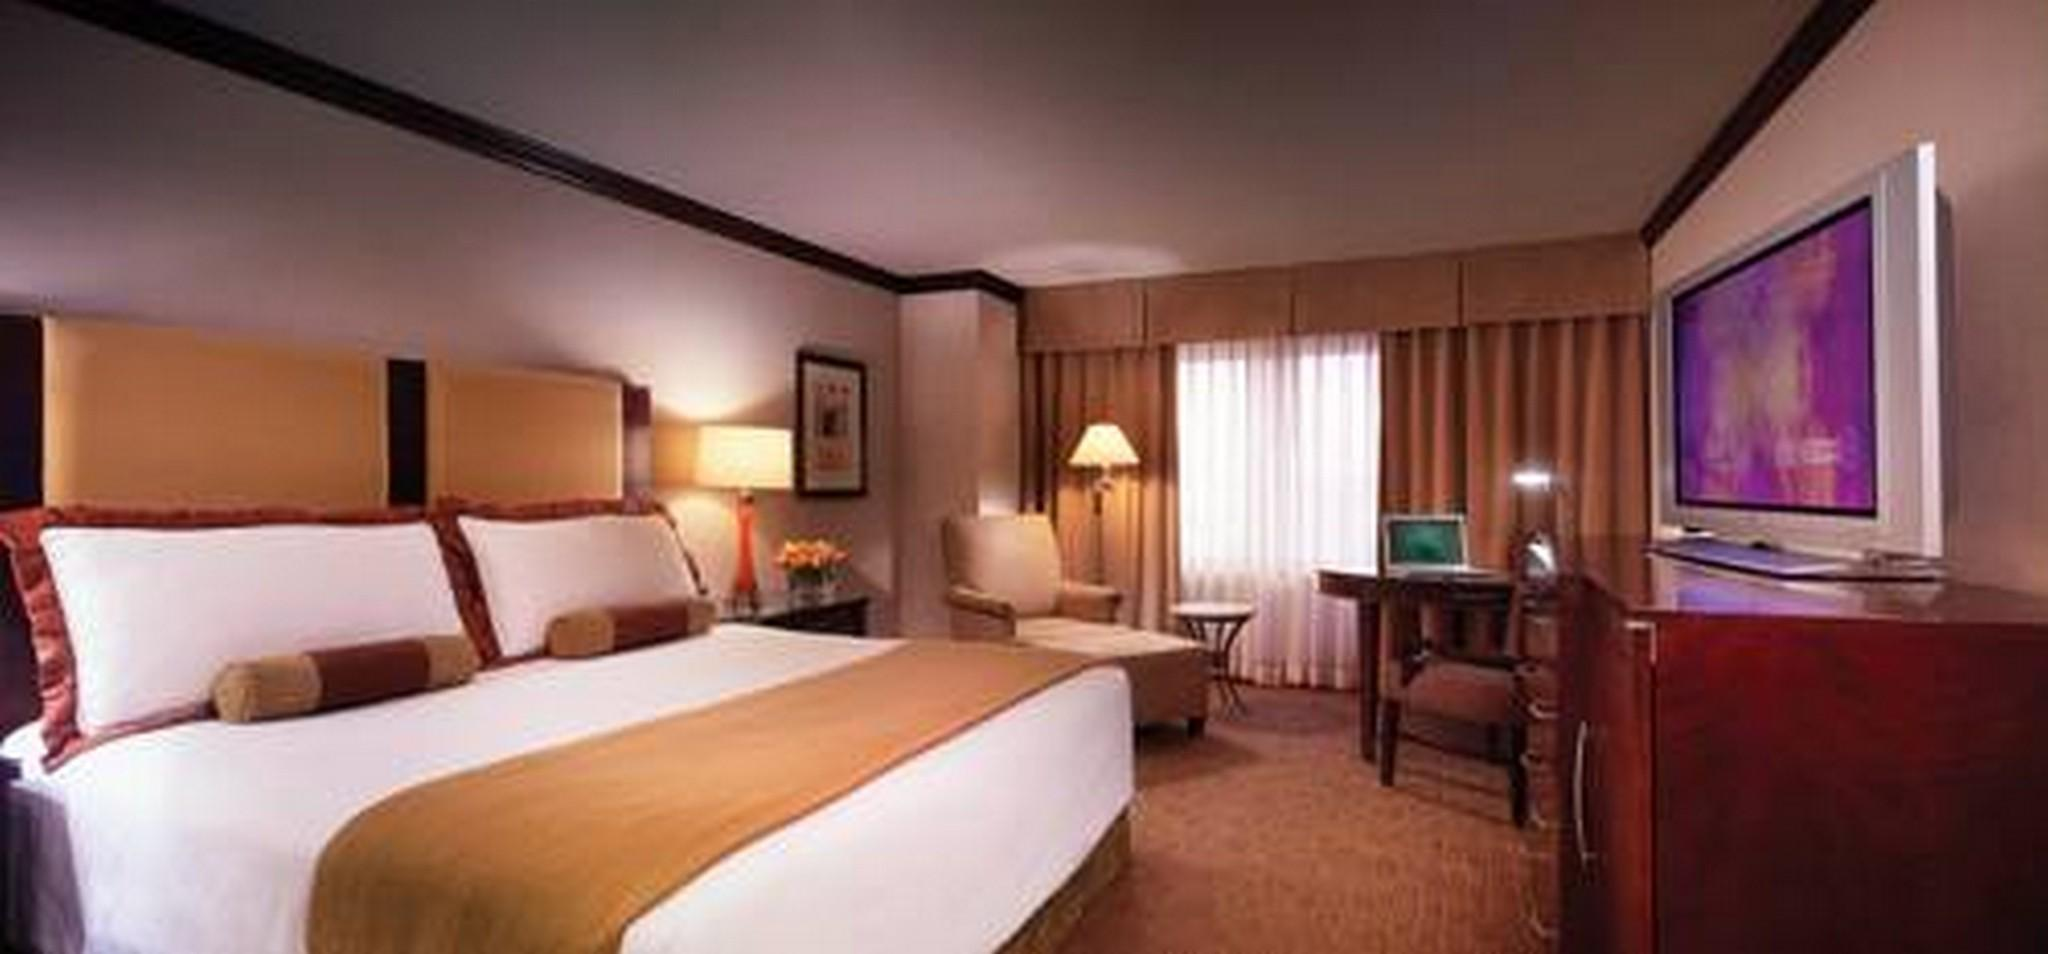 Ameristar Casino Hotel Kansas City, Clay